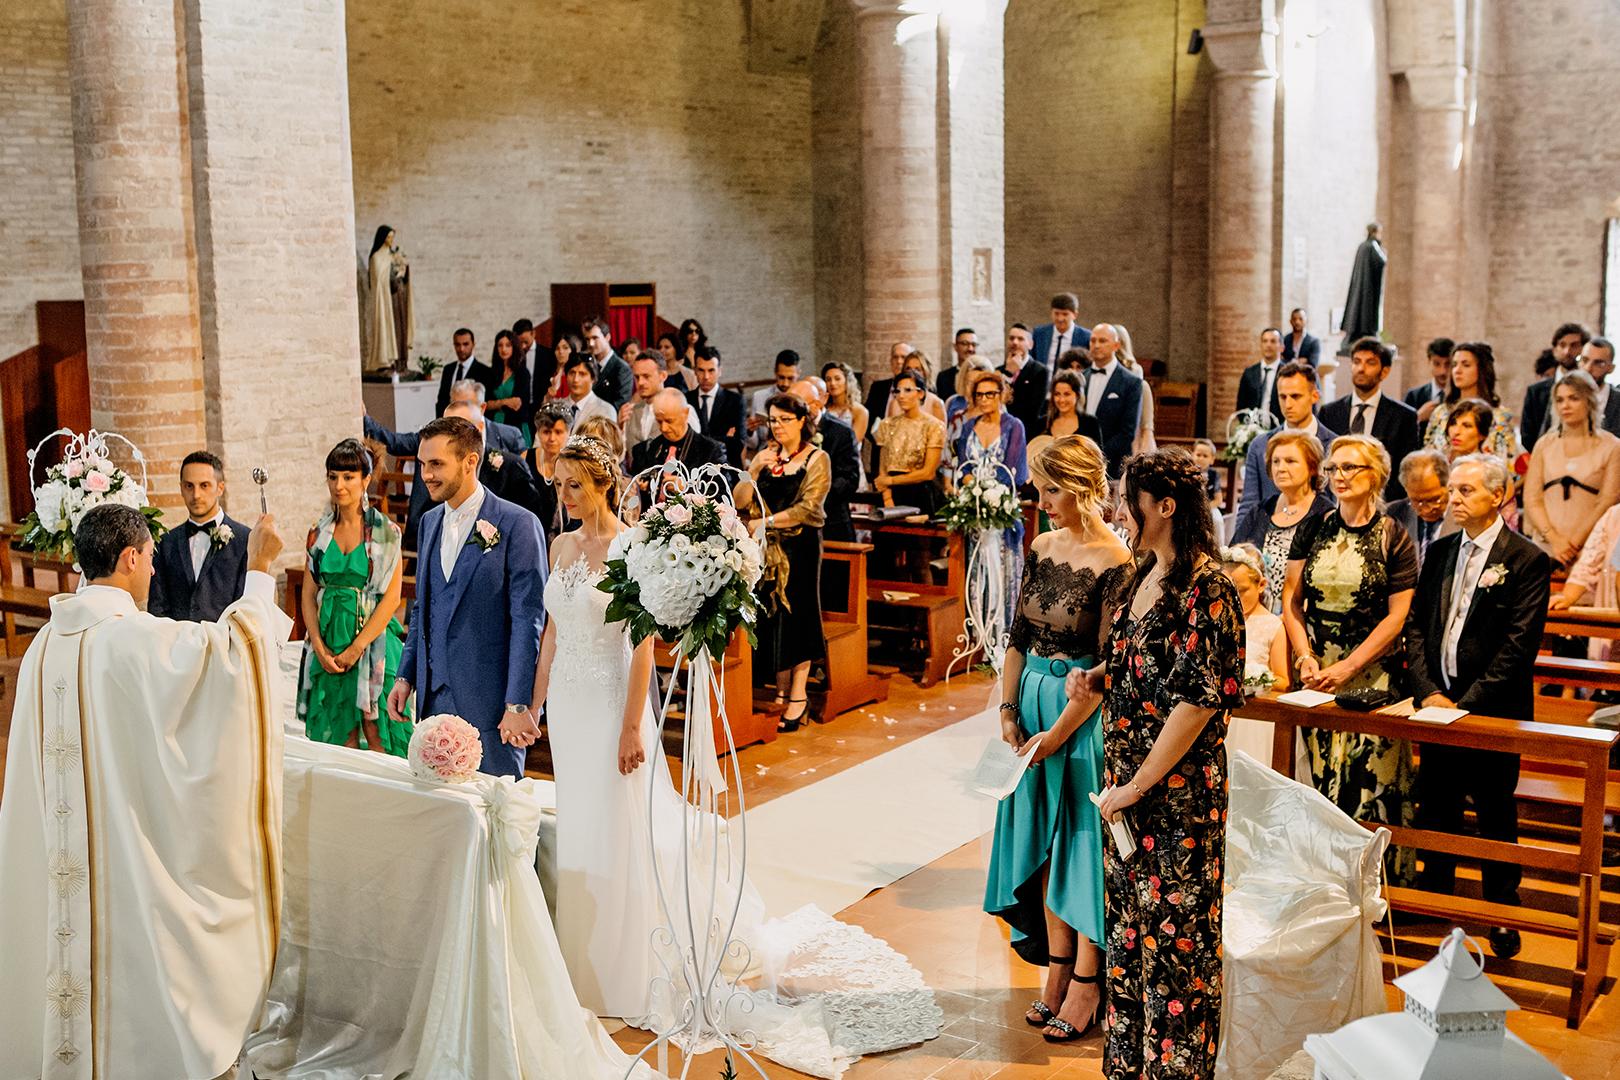 29 gianni-lepore-fotografo-matrimonio-sposi-chiesa-rito-religioso-silvi-abruzzo